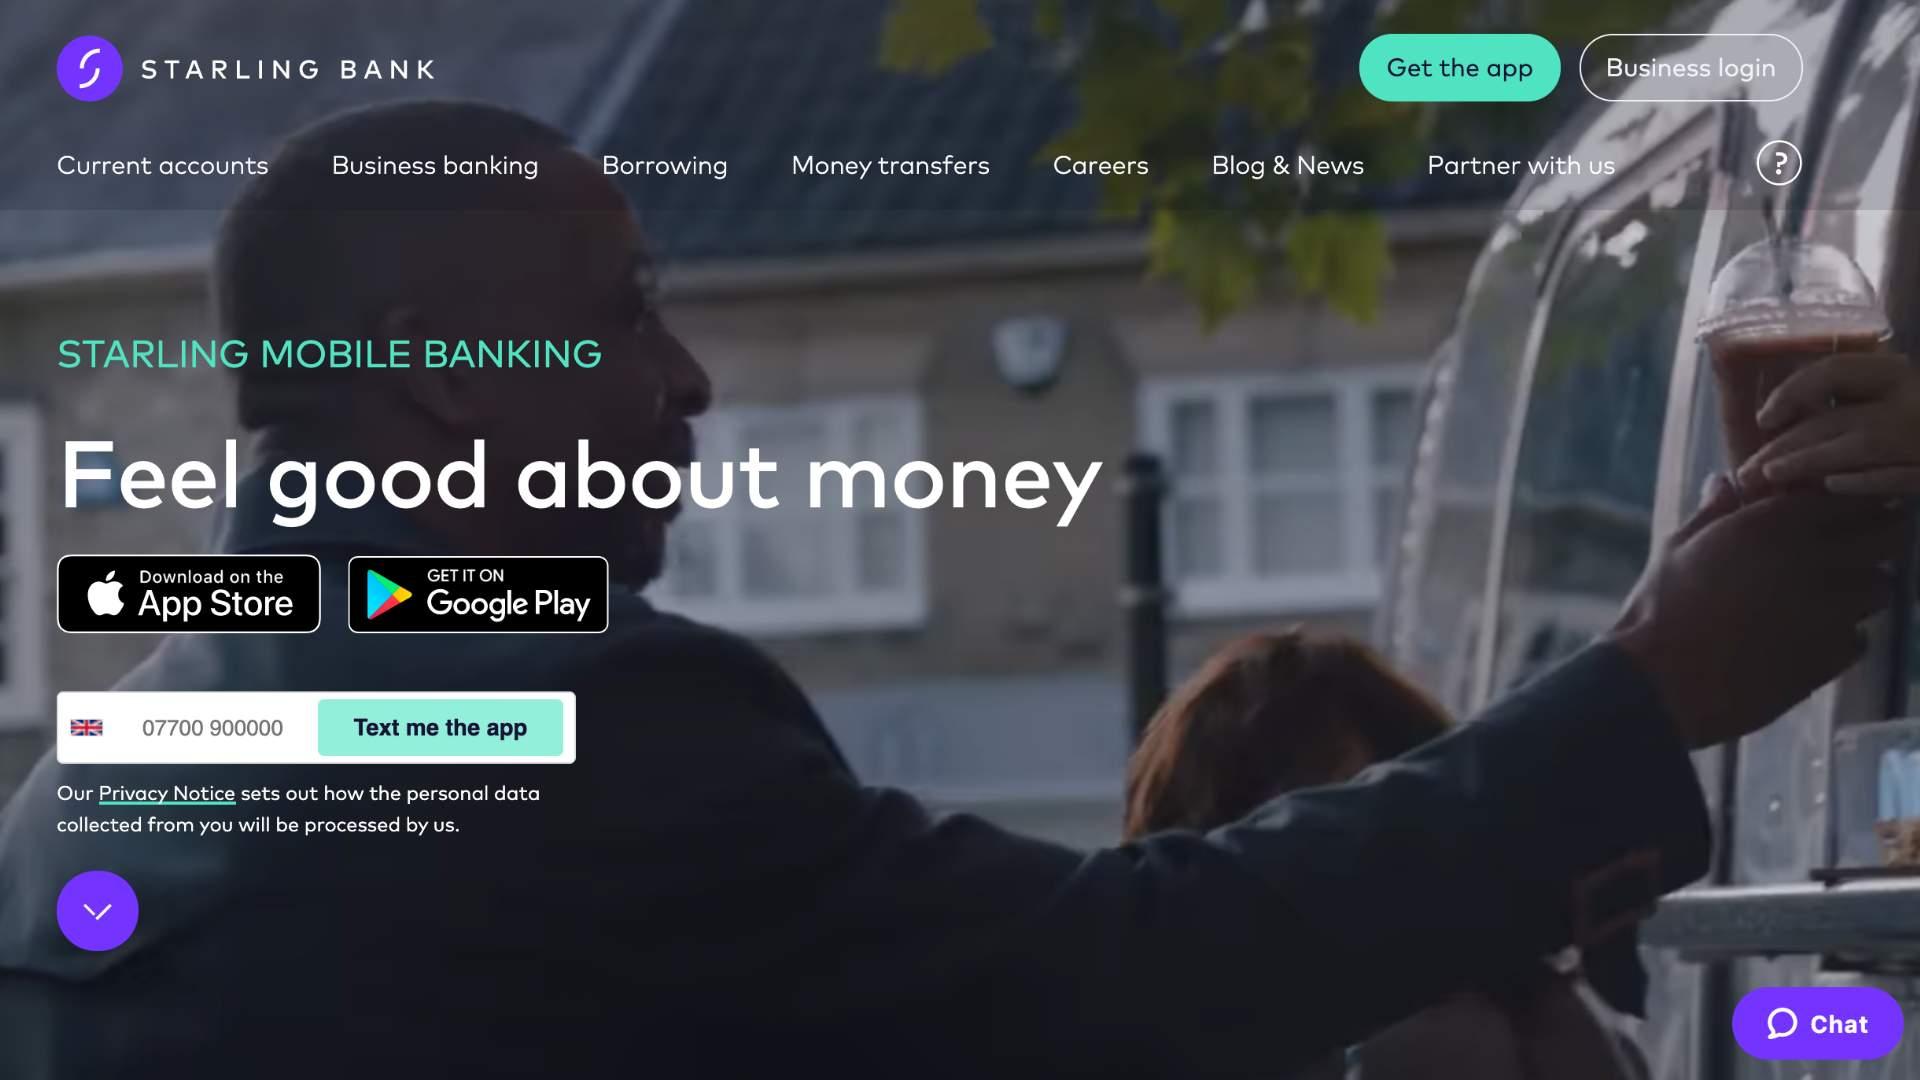 starling bank fintech bank